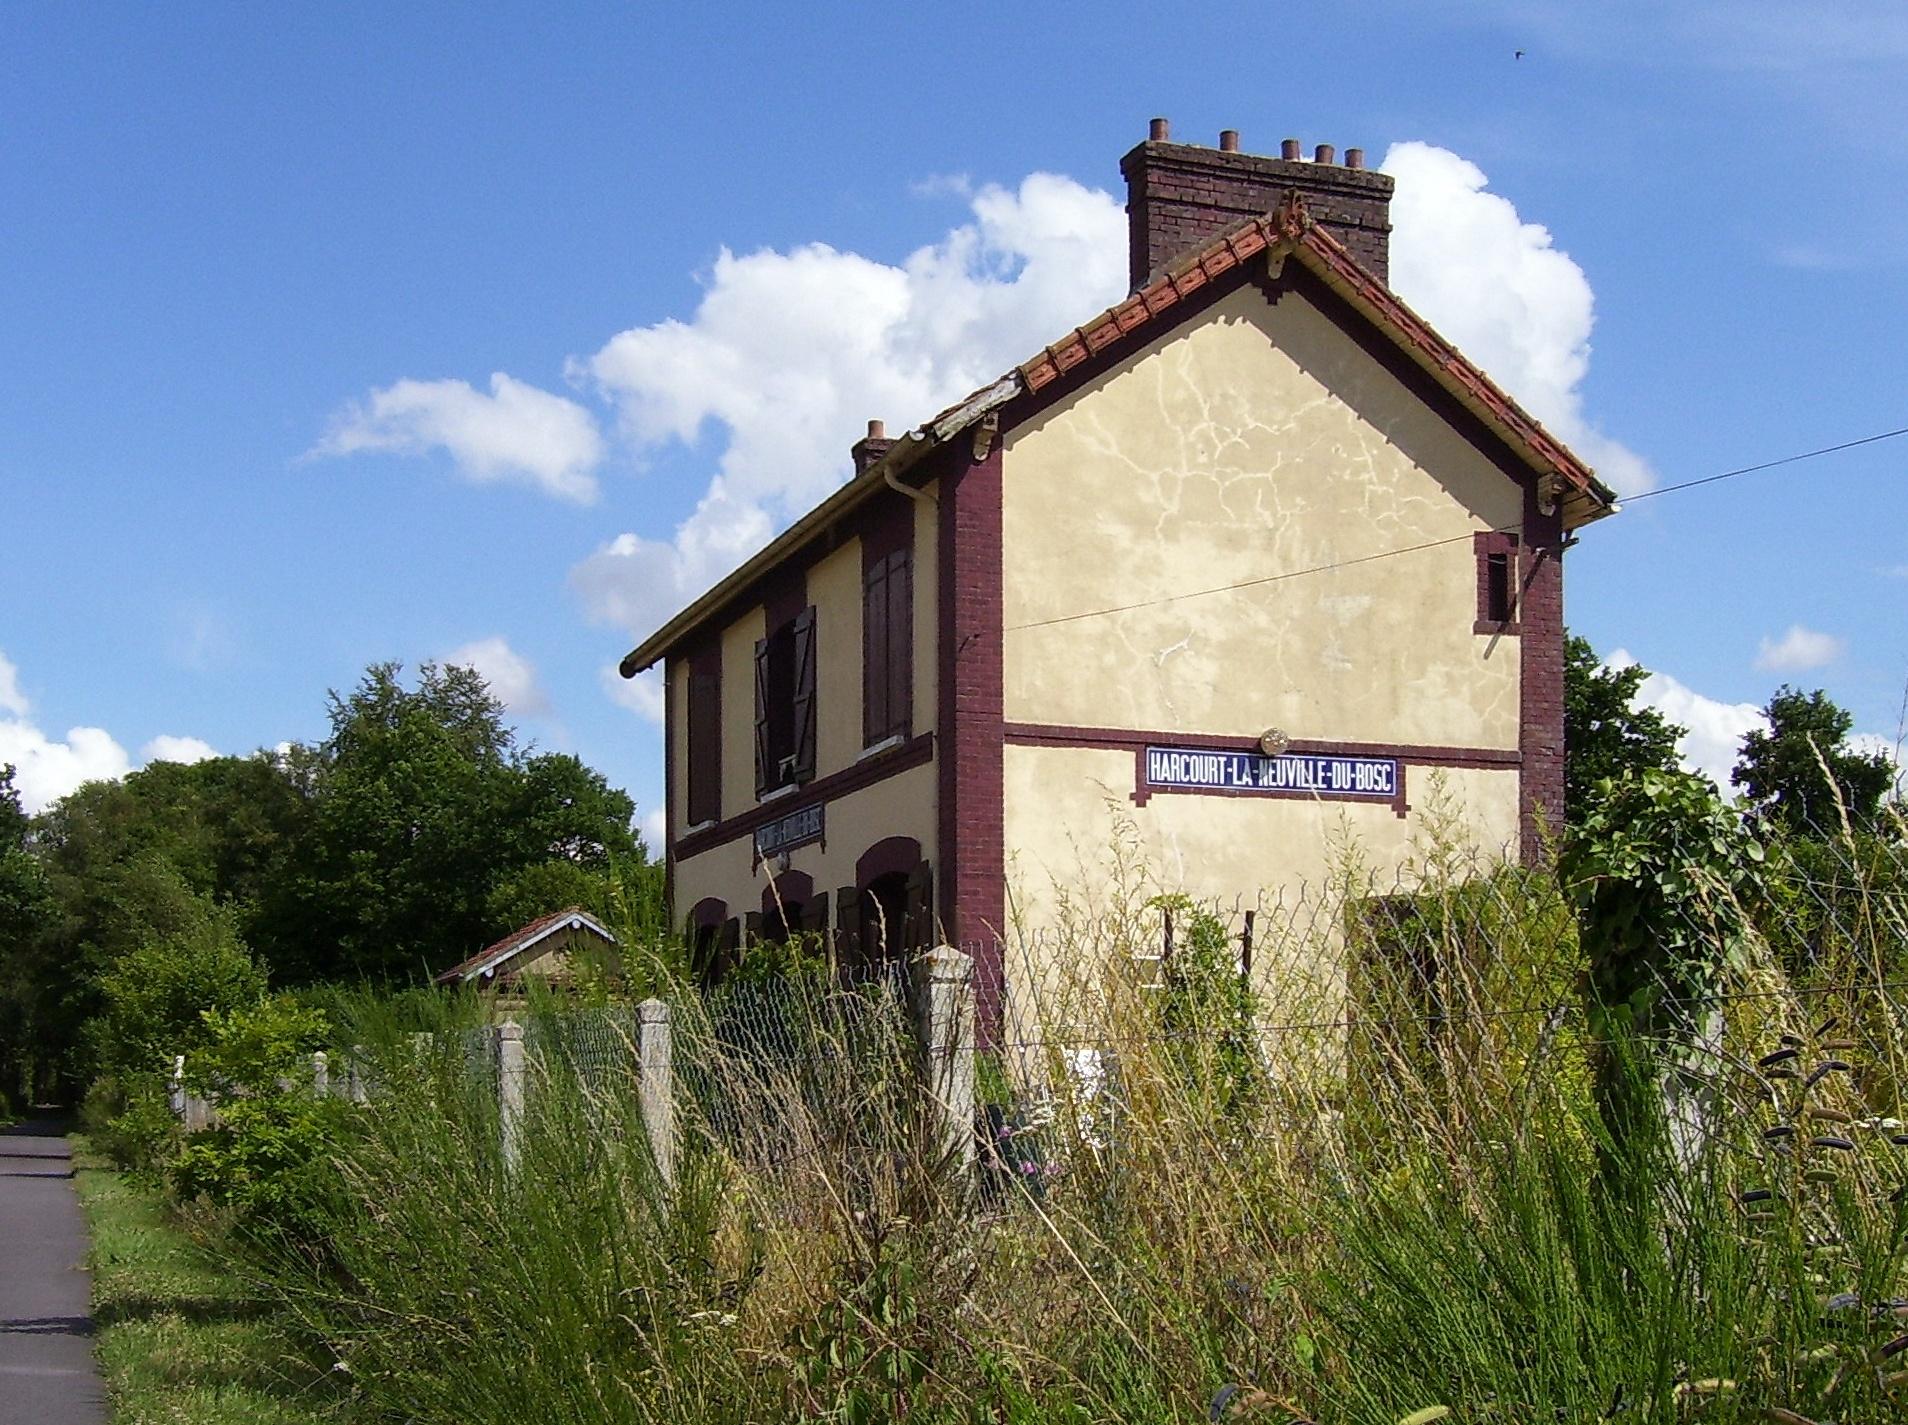 alter stillgelegter Bahnhof zwischen Harcourt und La-Neuville-du-Bosc, eigenes Foto (auf commons), Lizenz:public domain